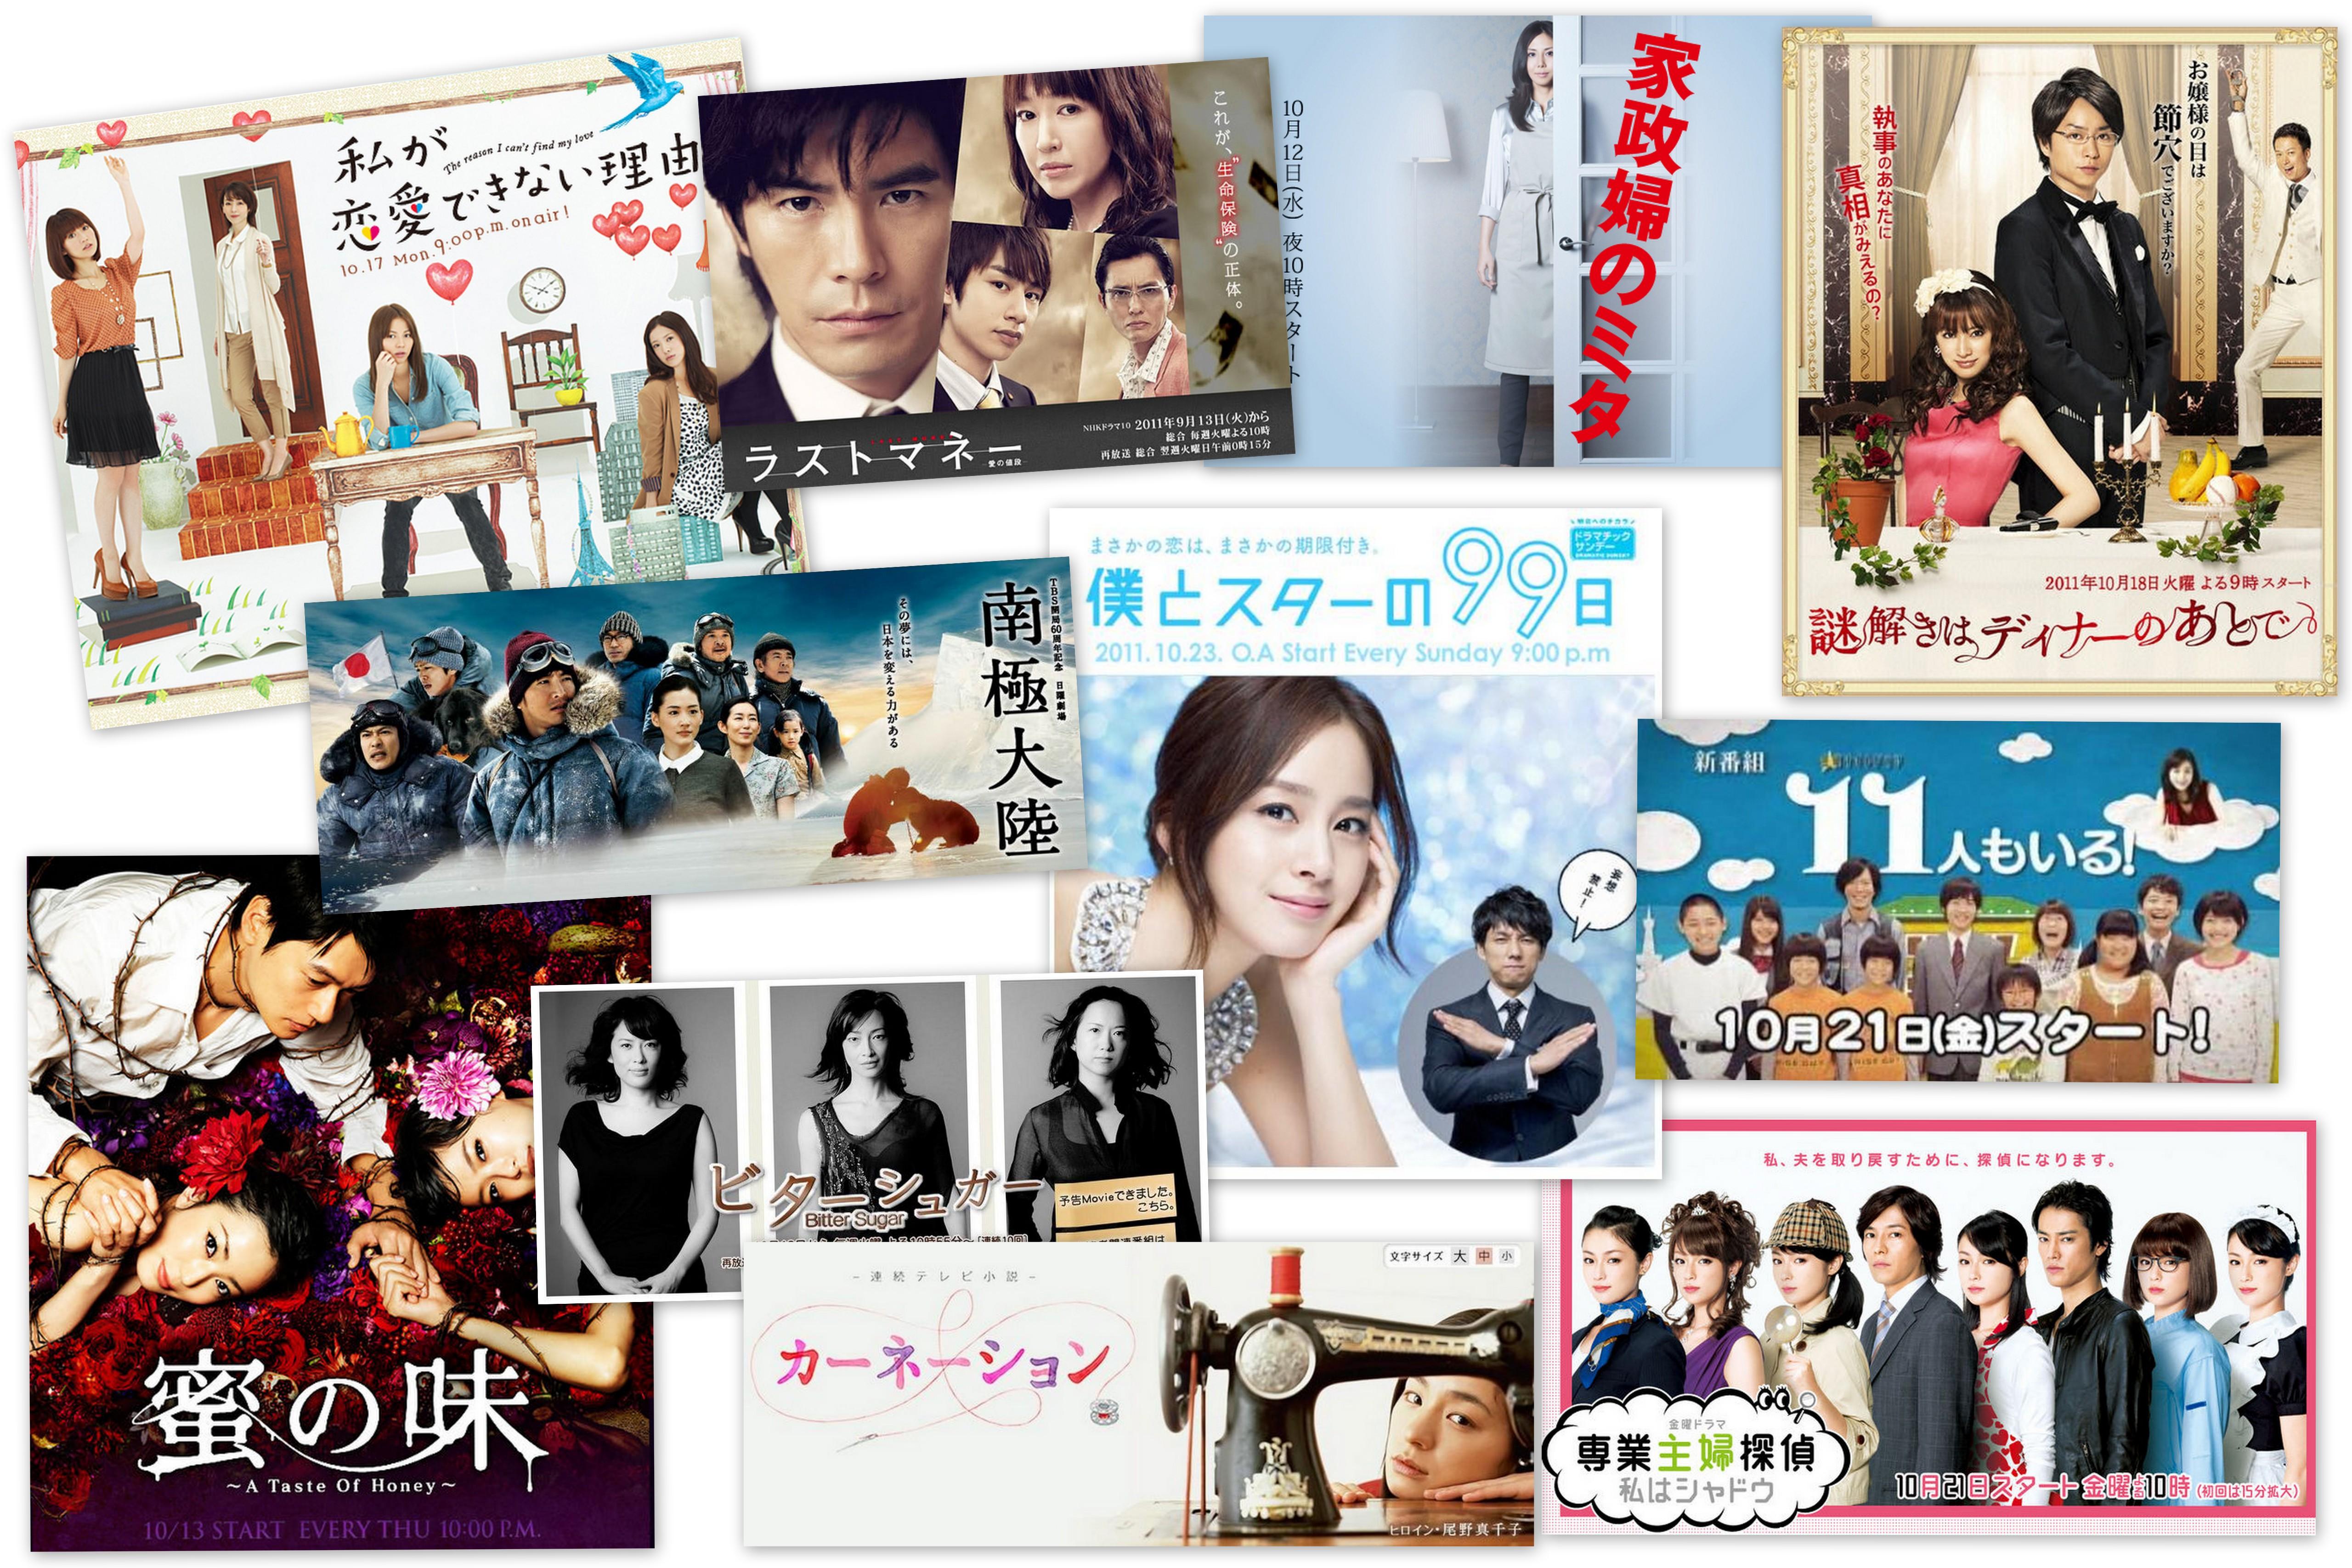 drama japonais automne 2011